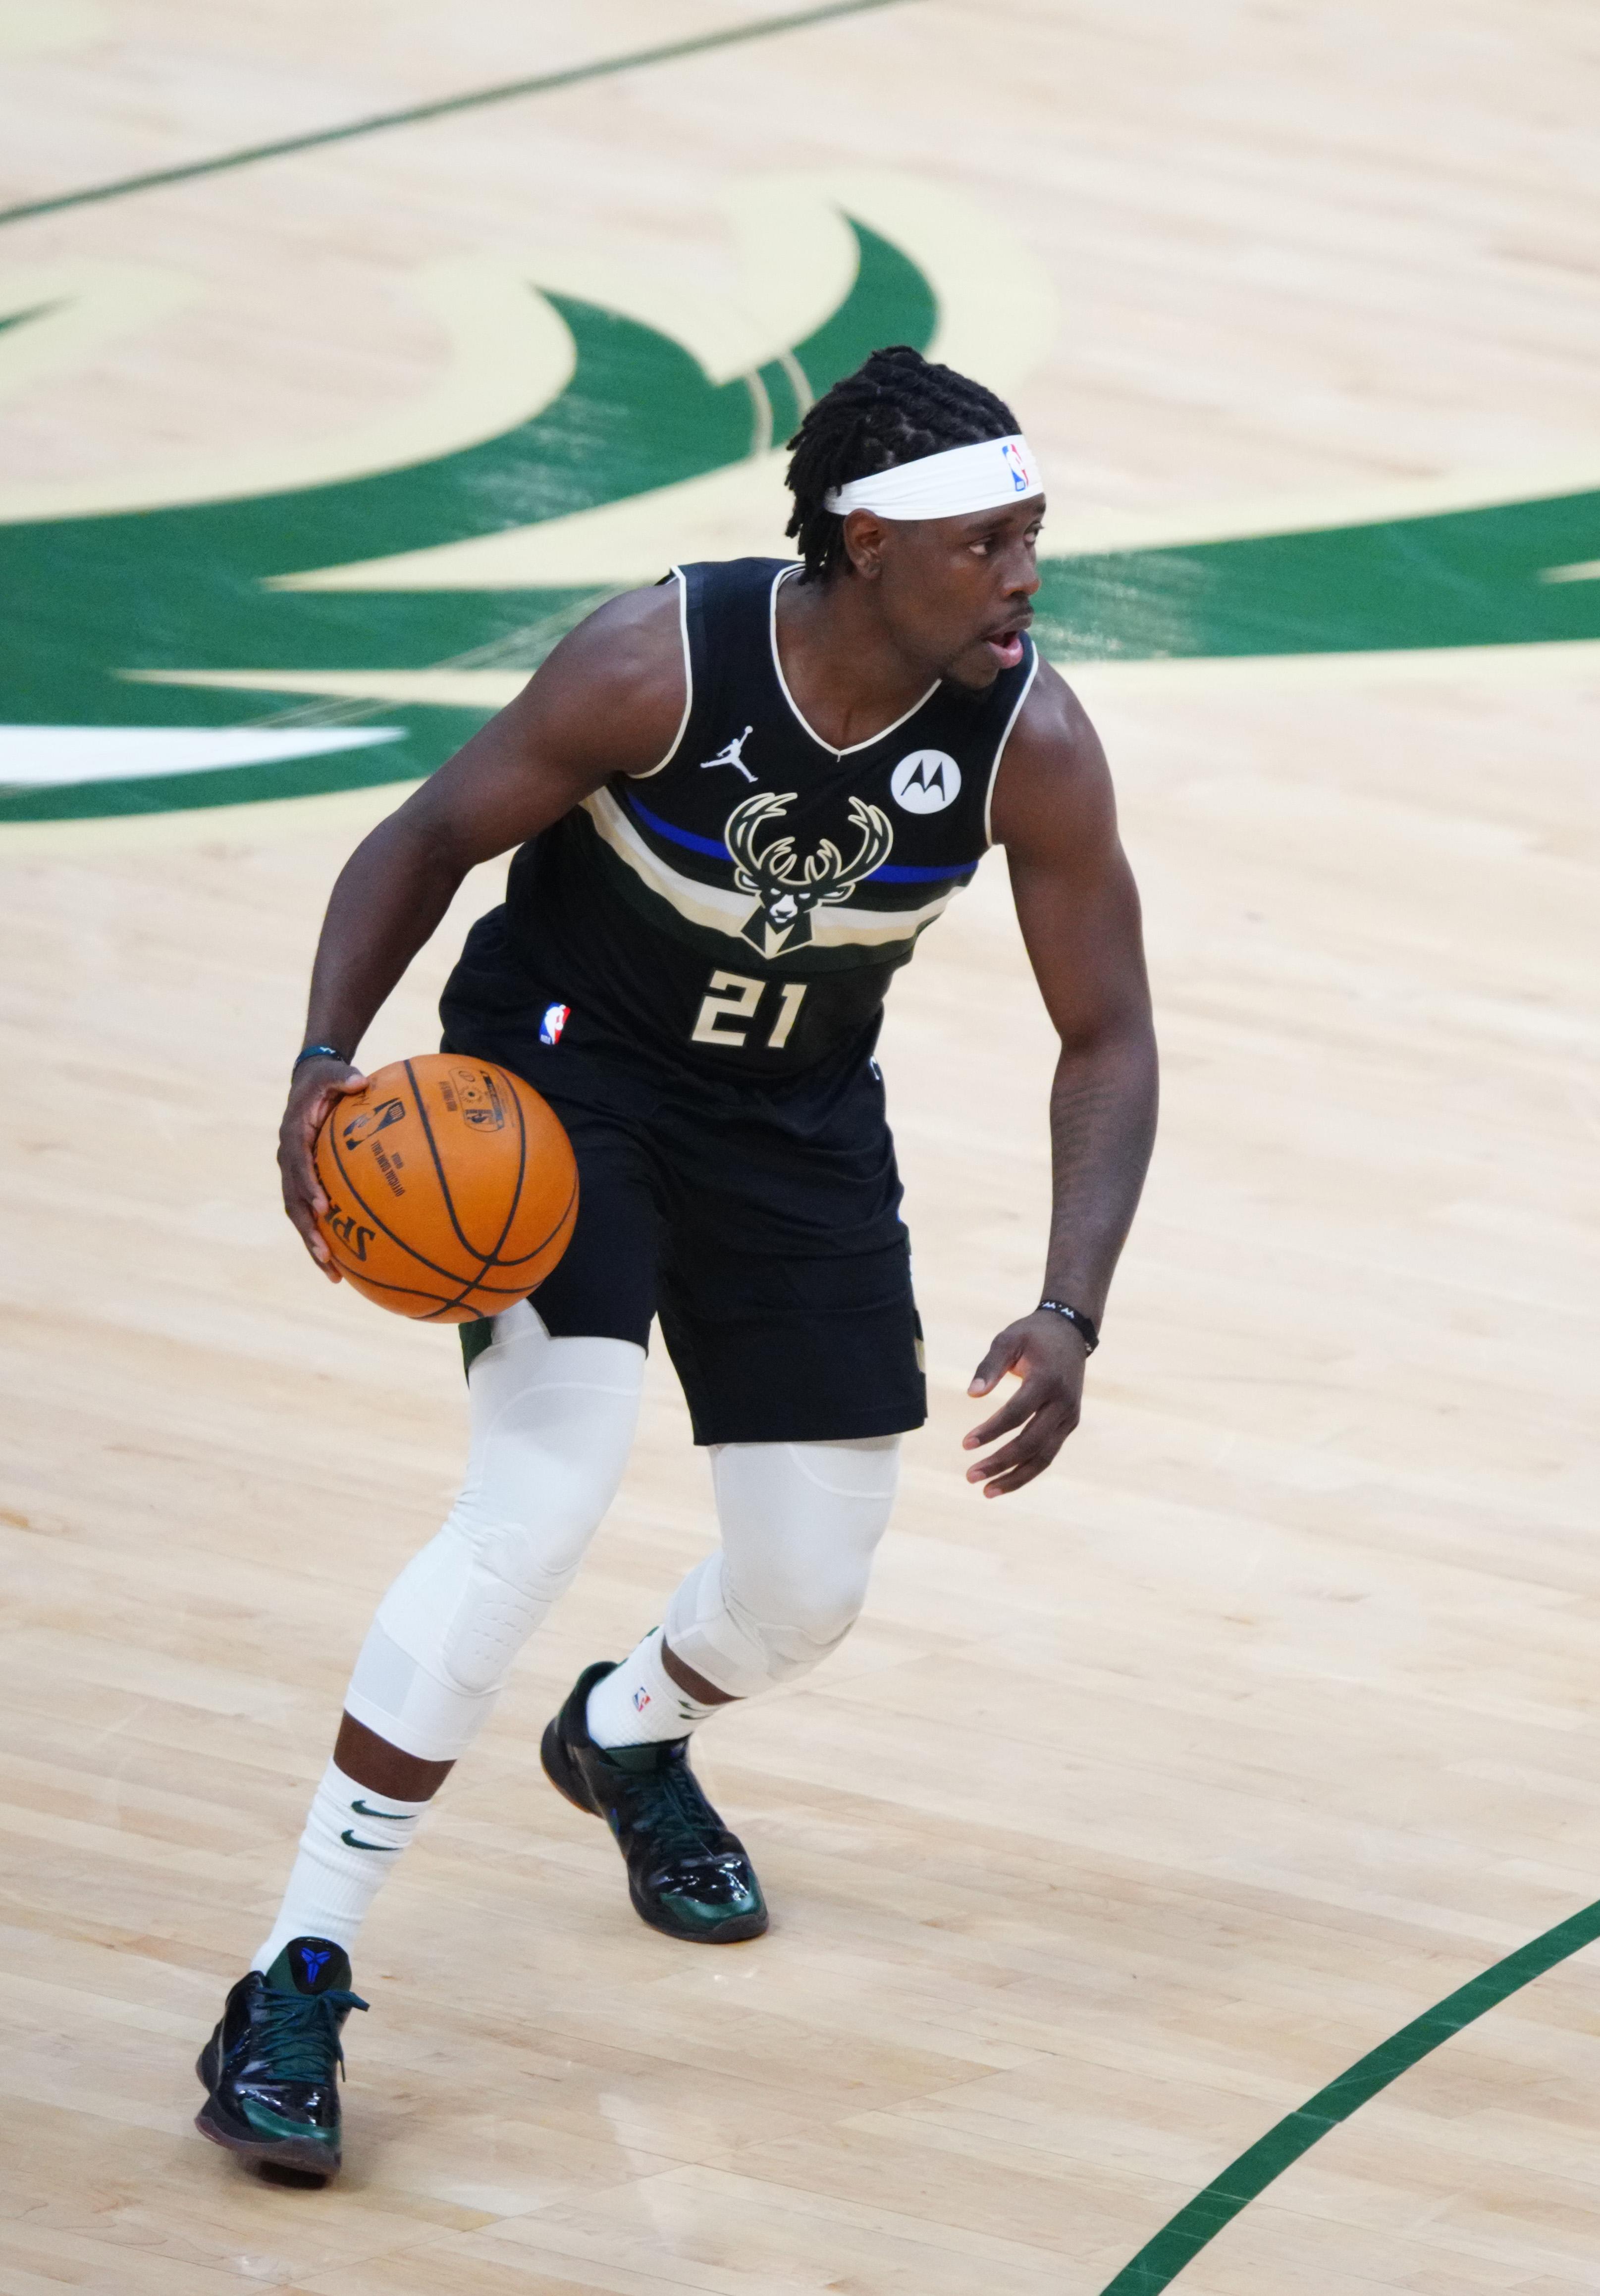 NBA: Finals-Phoenix Suns at Milwaukee Bucks